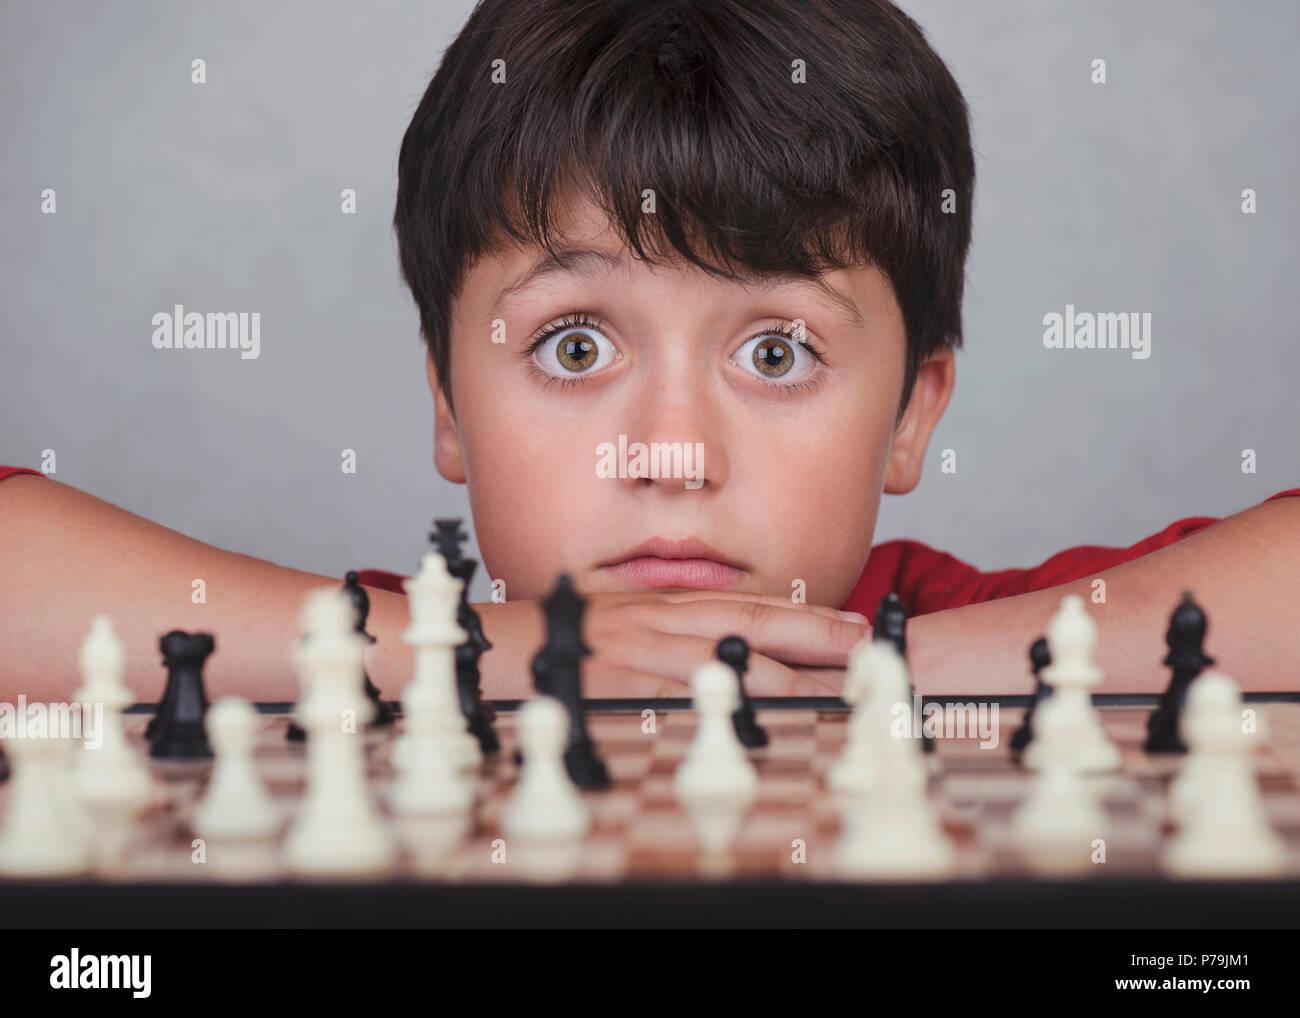 Niñito jugando ajedrez sobre fondo gris Imagen De Stock